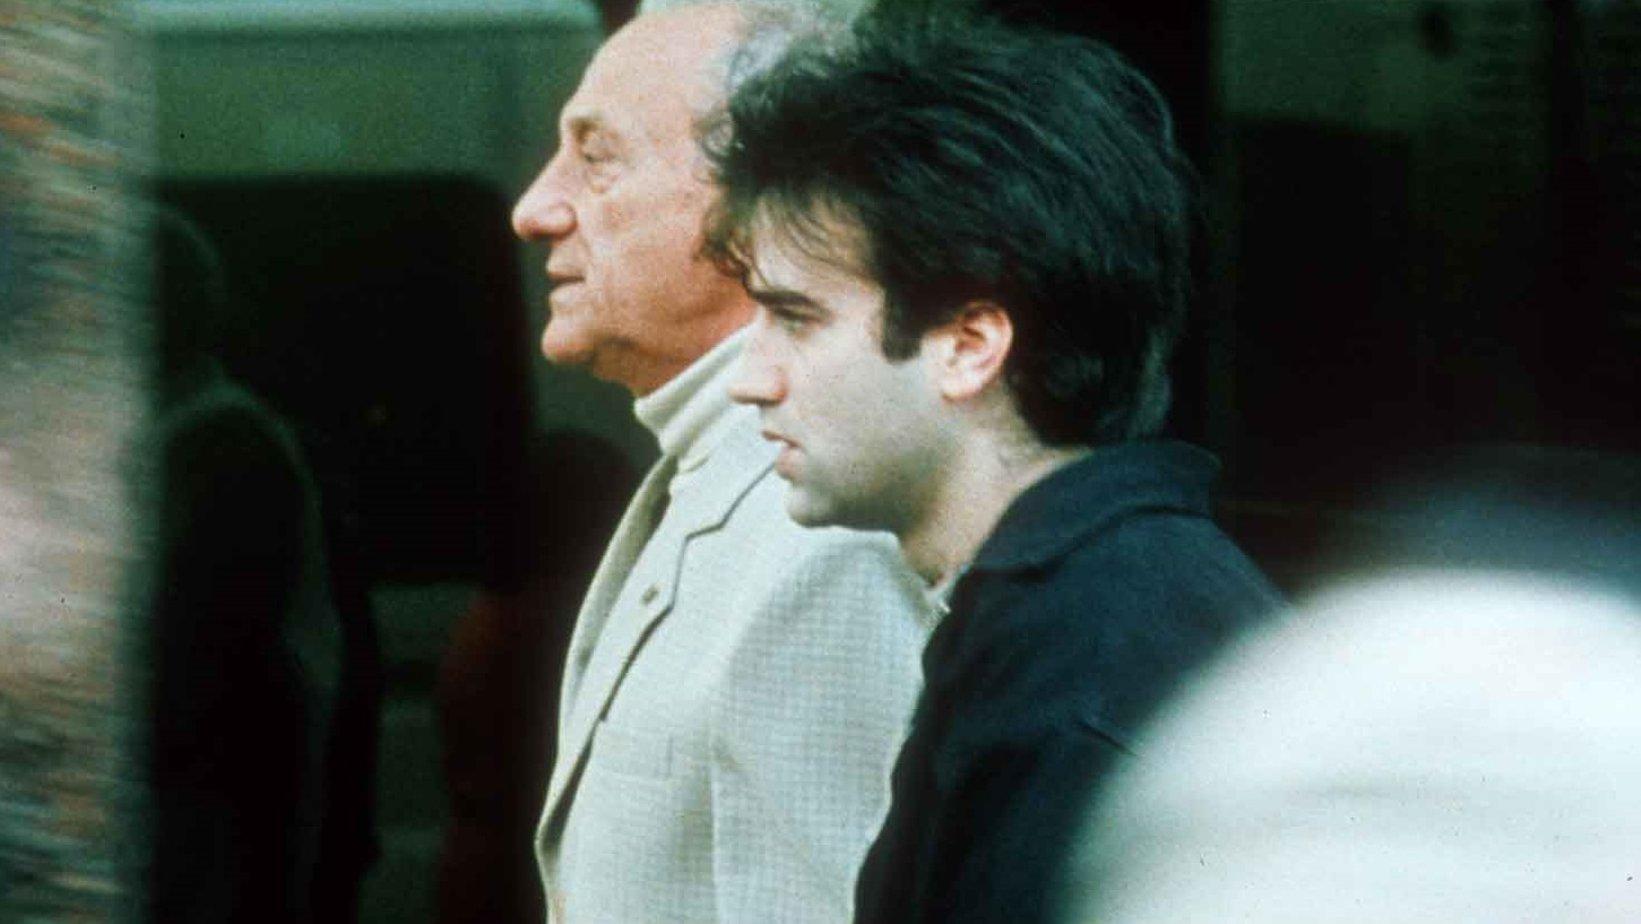 film analysis daniel burman's el Daniel burman director de cine, nacido el 29 agosto de 1973, en buenos aires, argentina críticas de films de daniel burman en blogdecine.